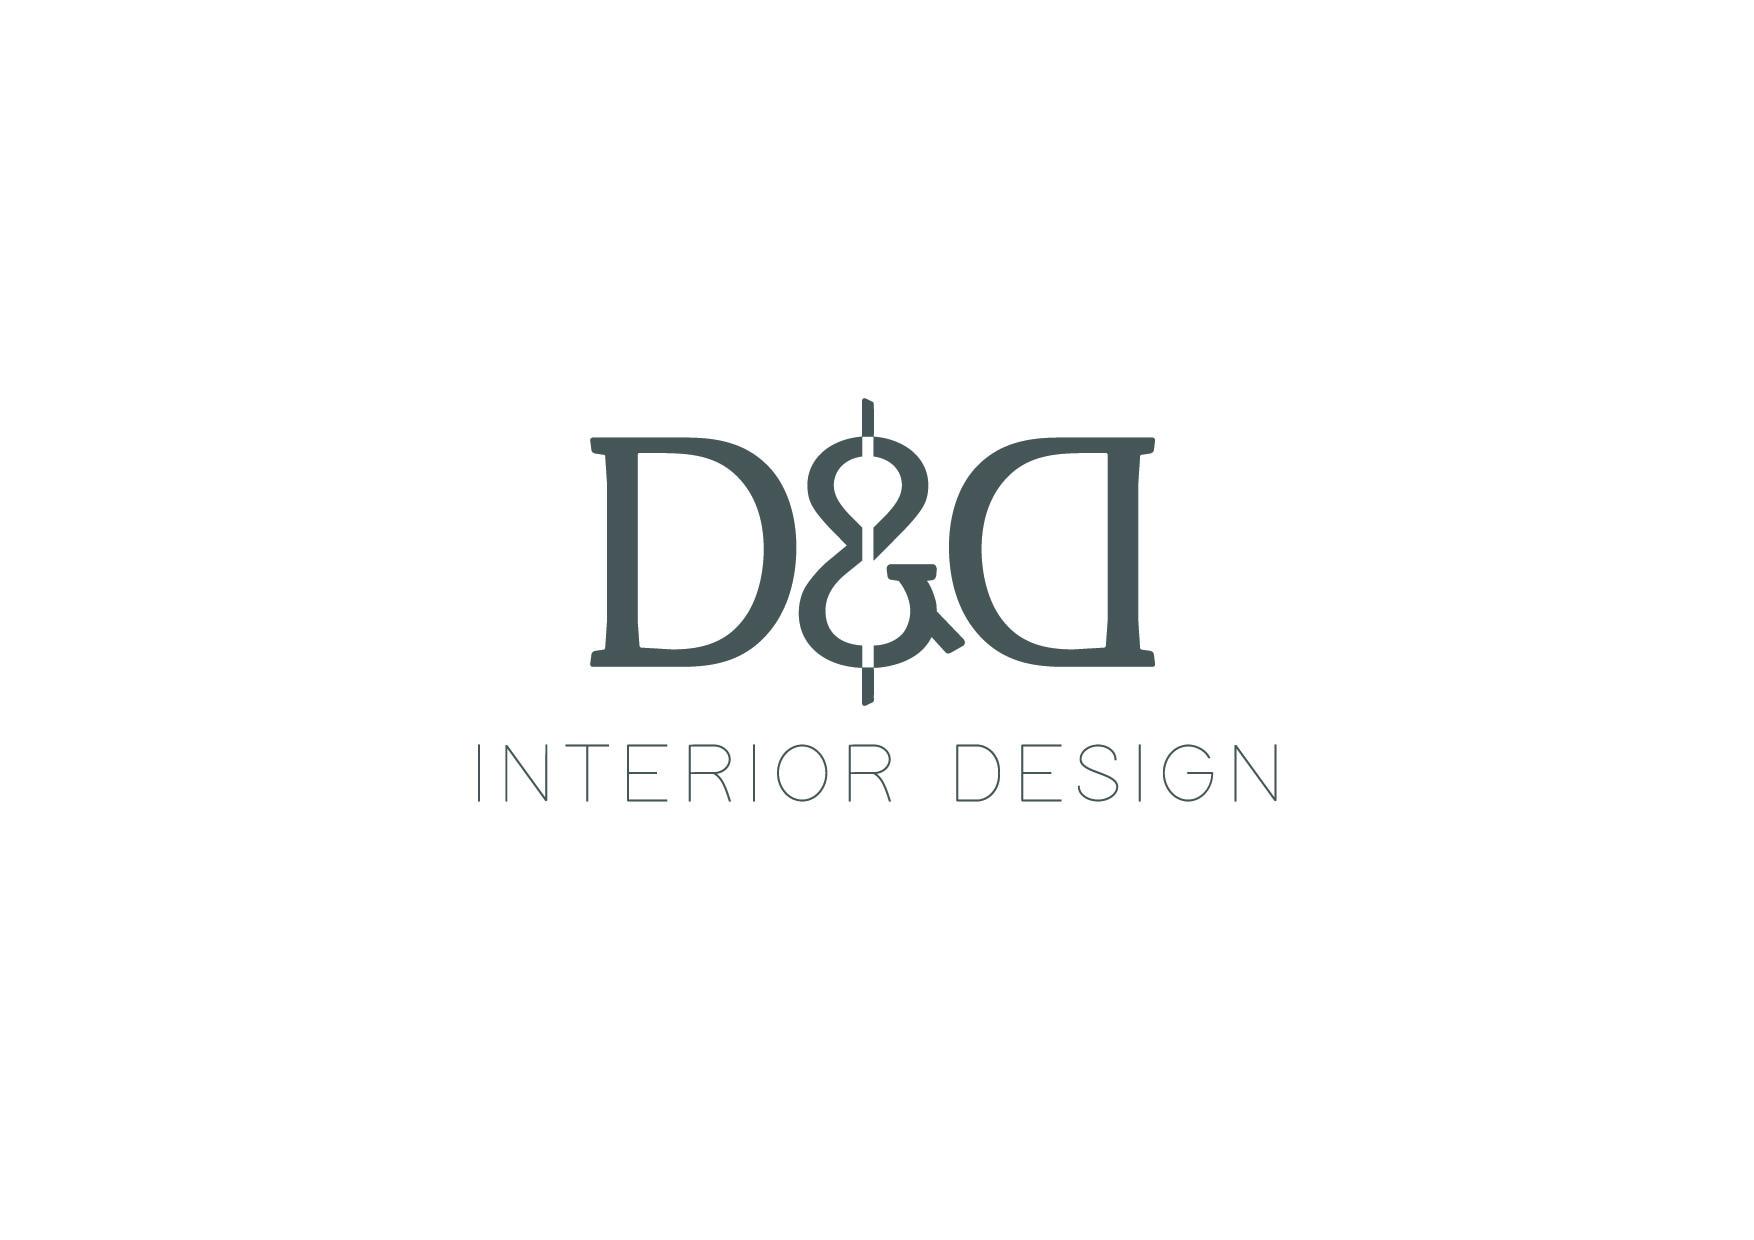 logotipo_D&D-01